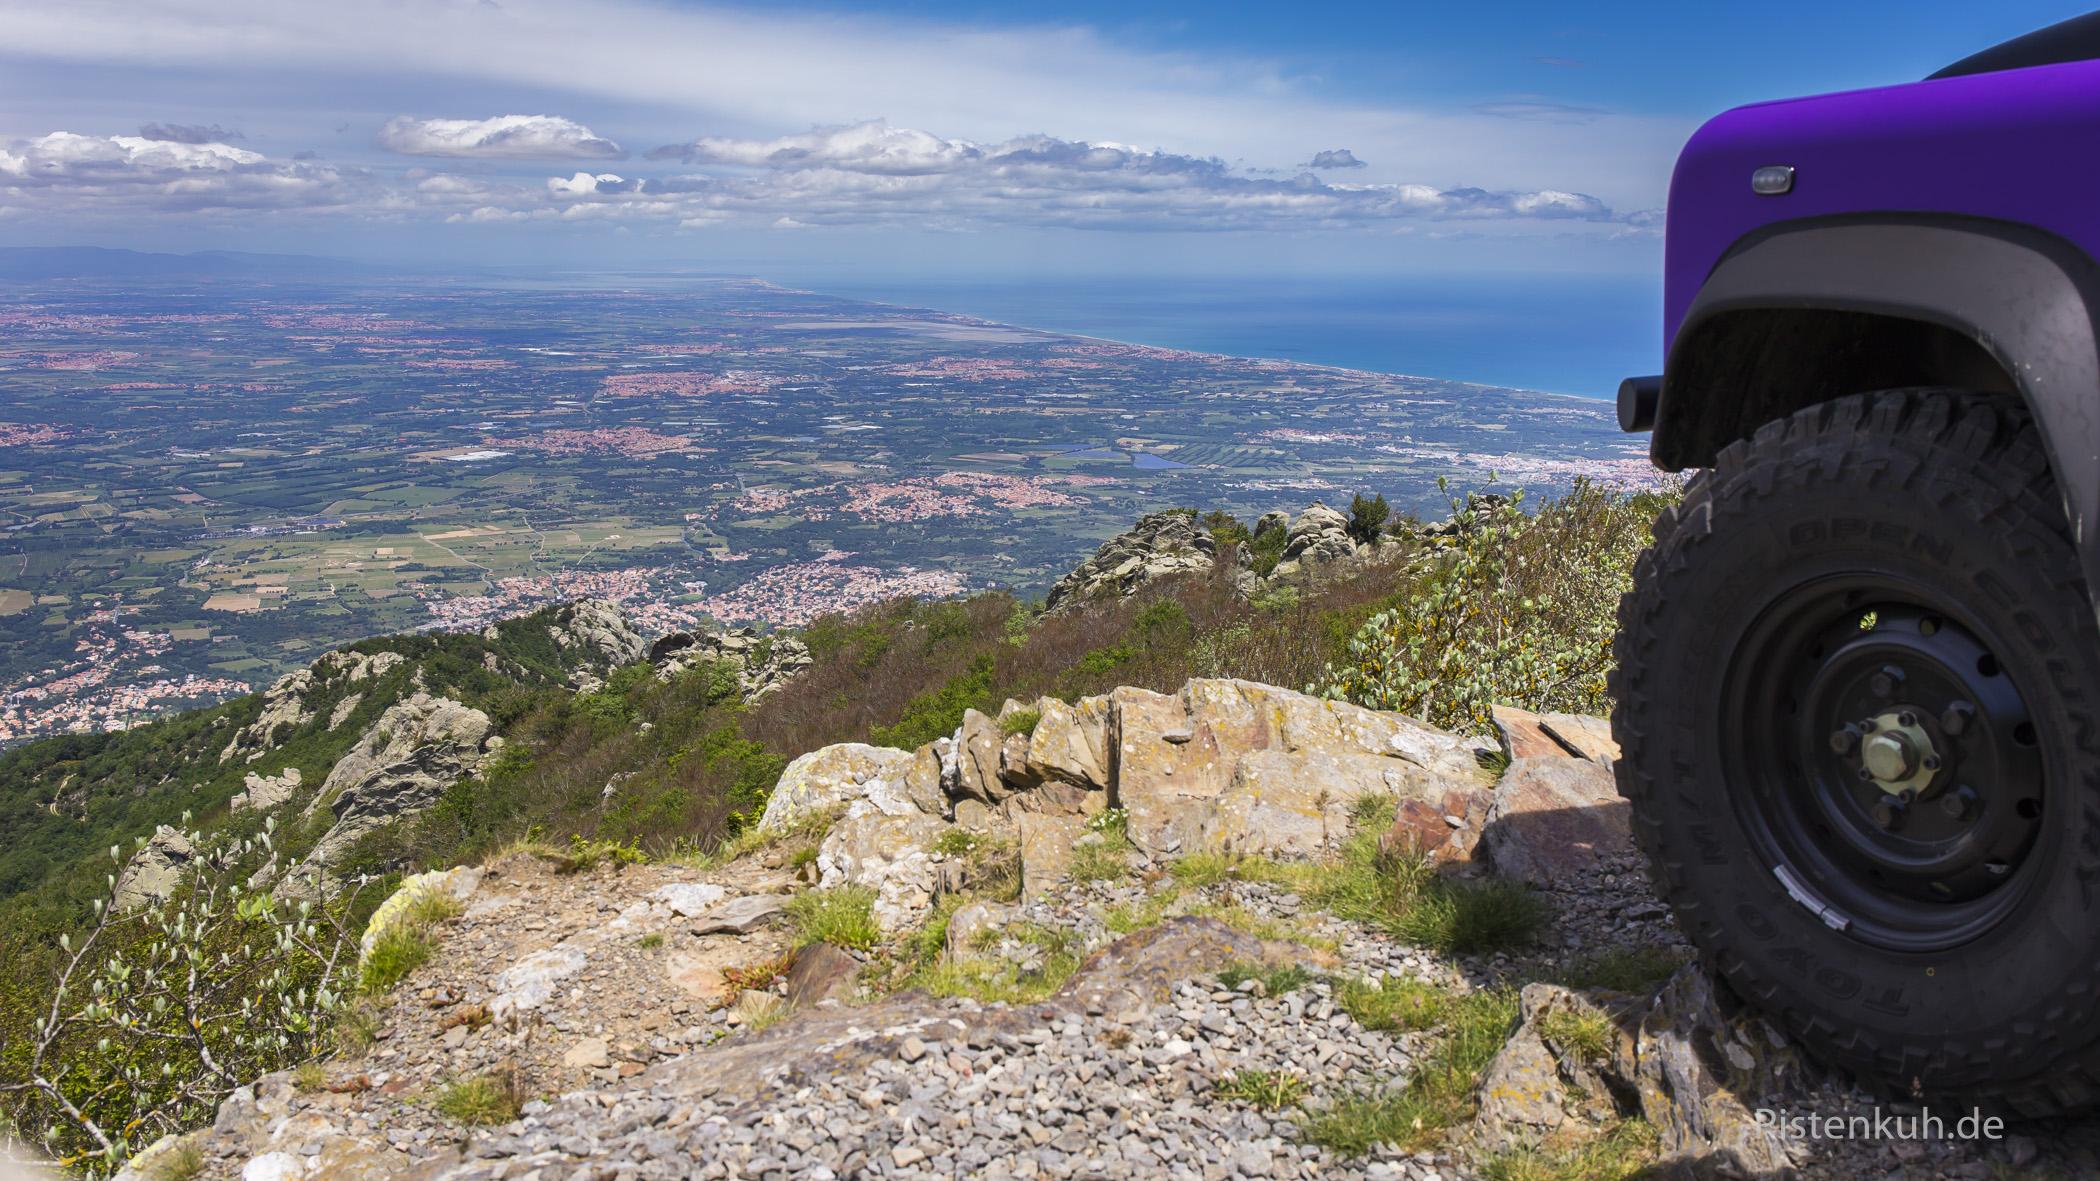 Blick auf das Gebiet um Perpignan von einem Hochpunkt, der über ein Erdsträßchen zu erreichen ist.